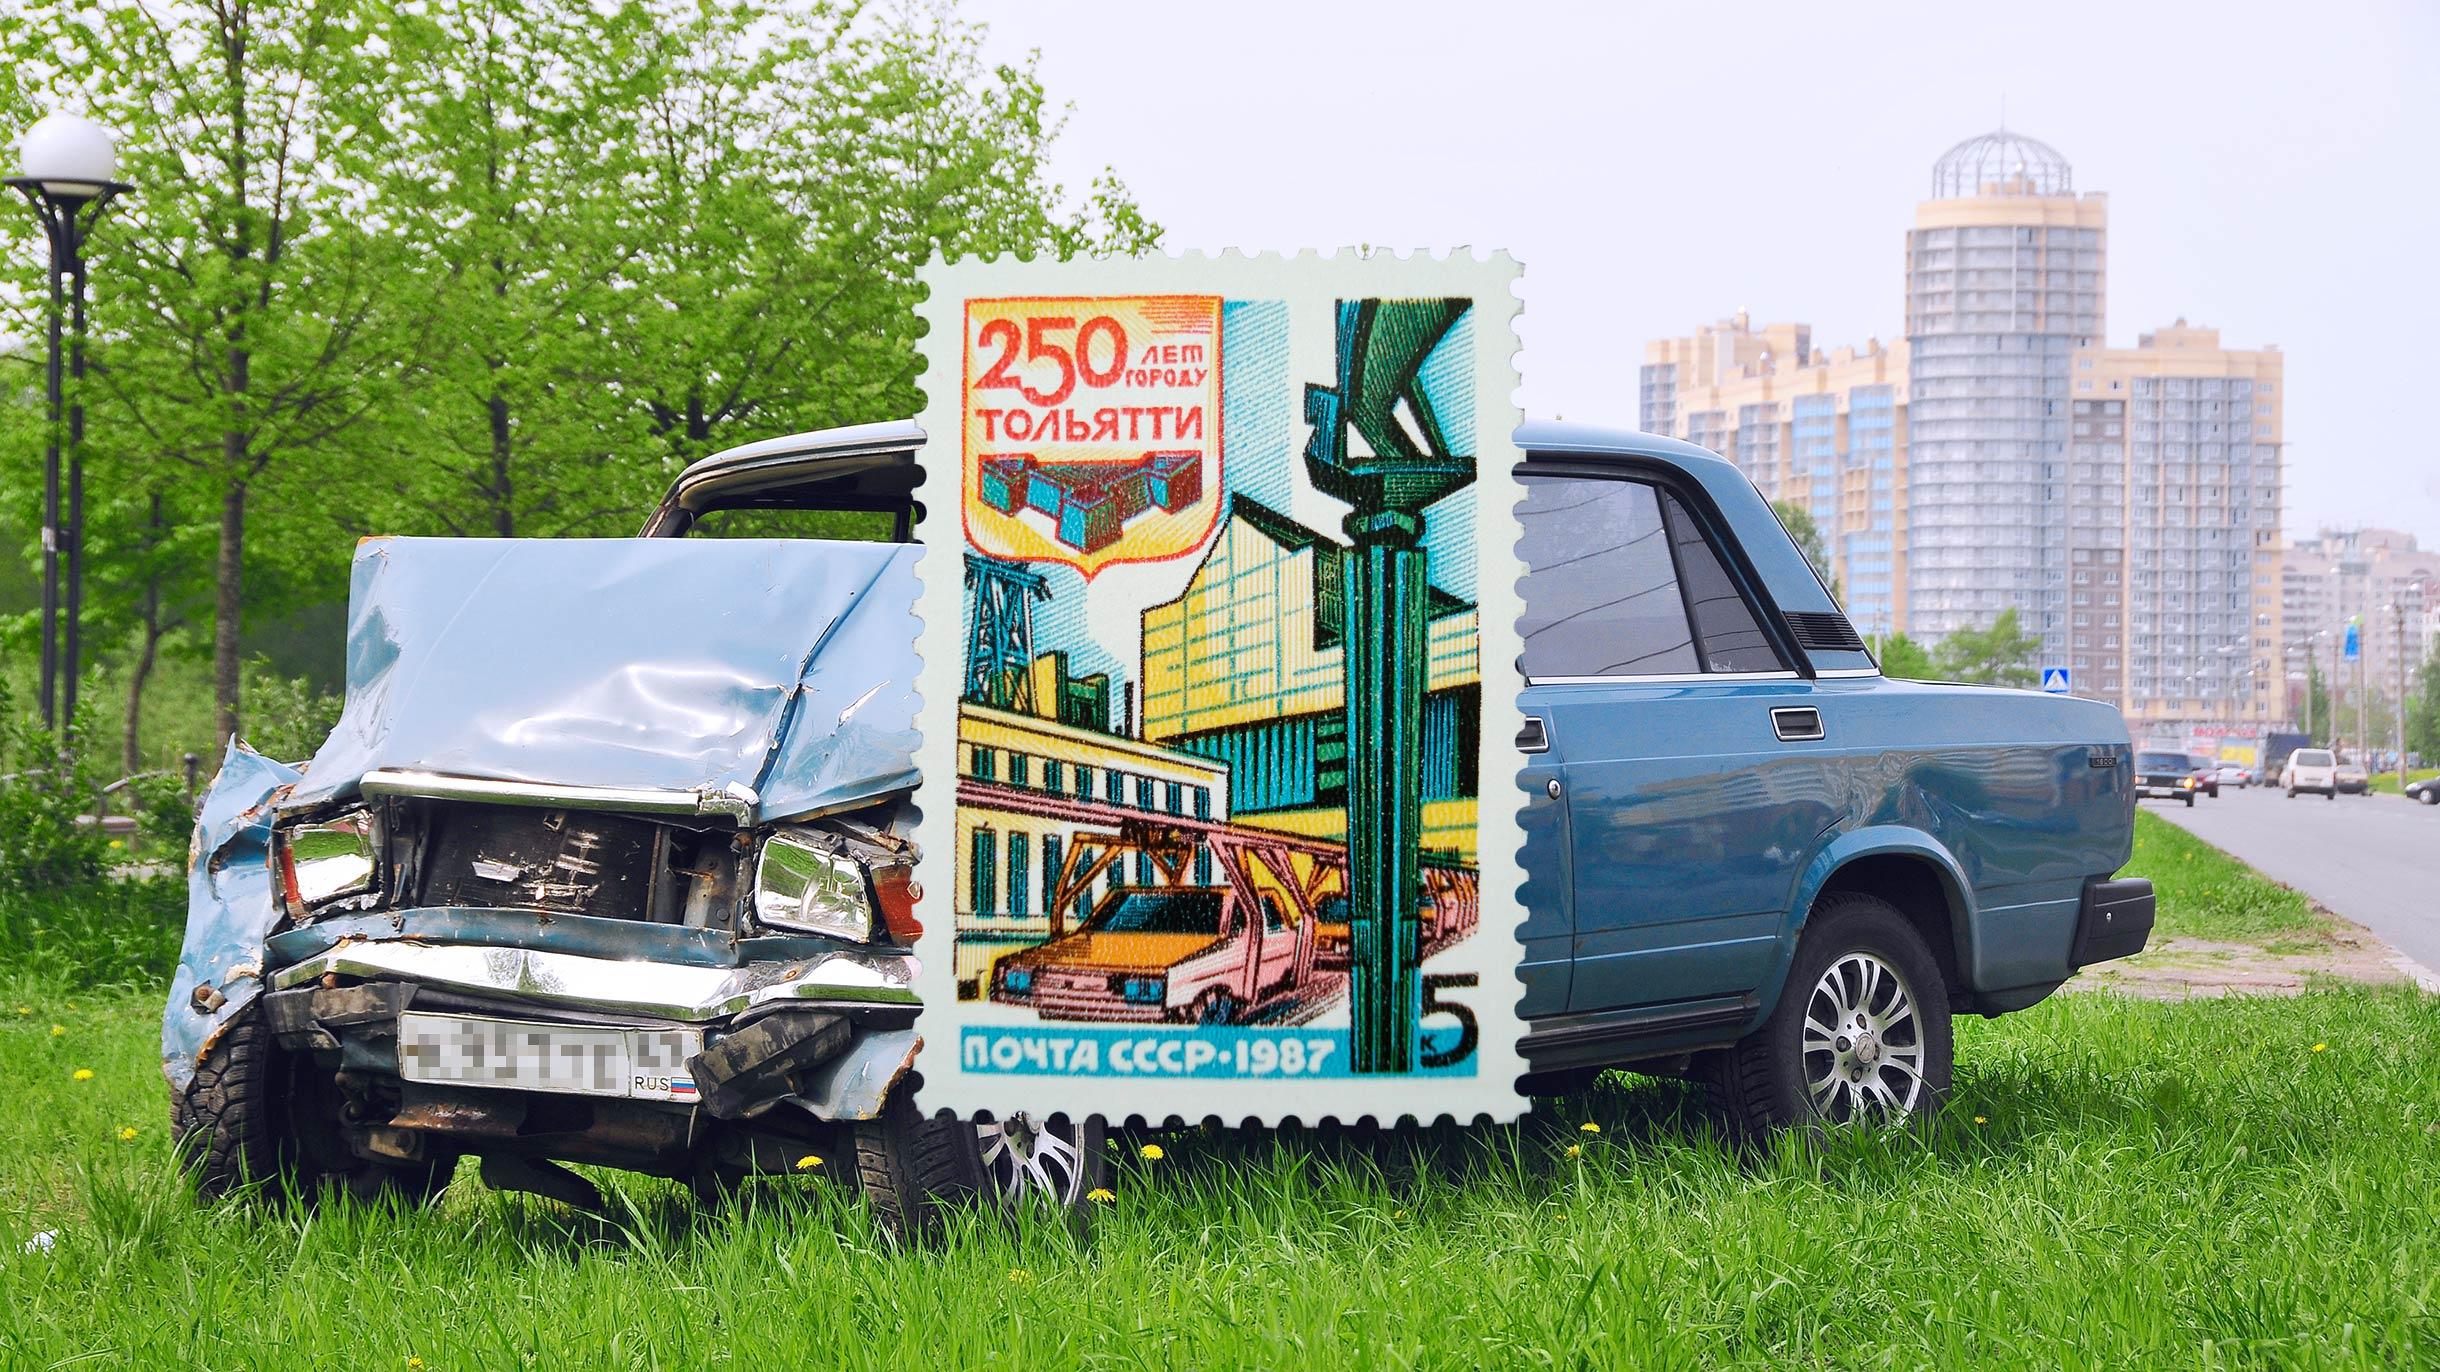 Собственник продал машину на словах, а теперь заплатит за чужоеДТП